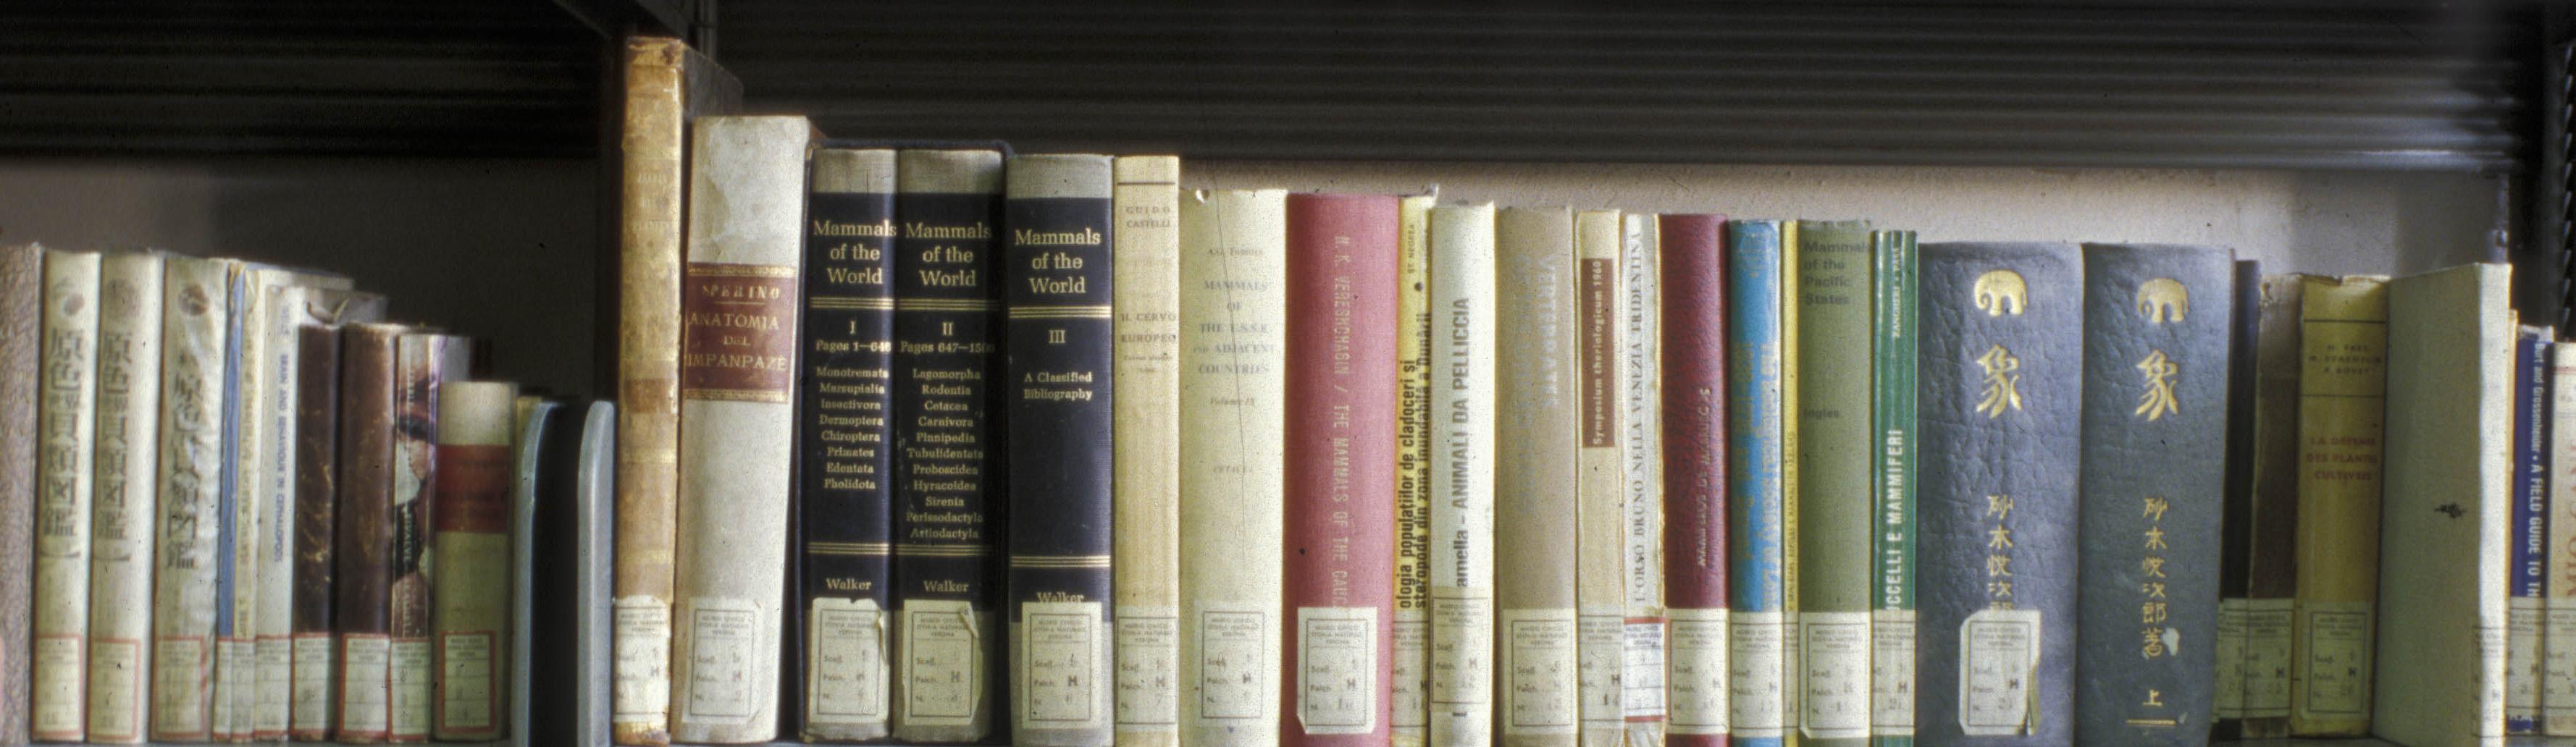 Museo civico di storia naturale archivio bibliografico - Biblioteca porta venezia orari ...